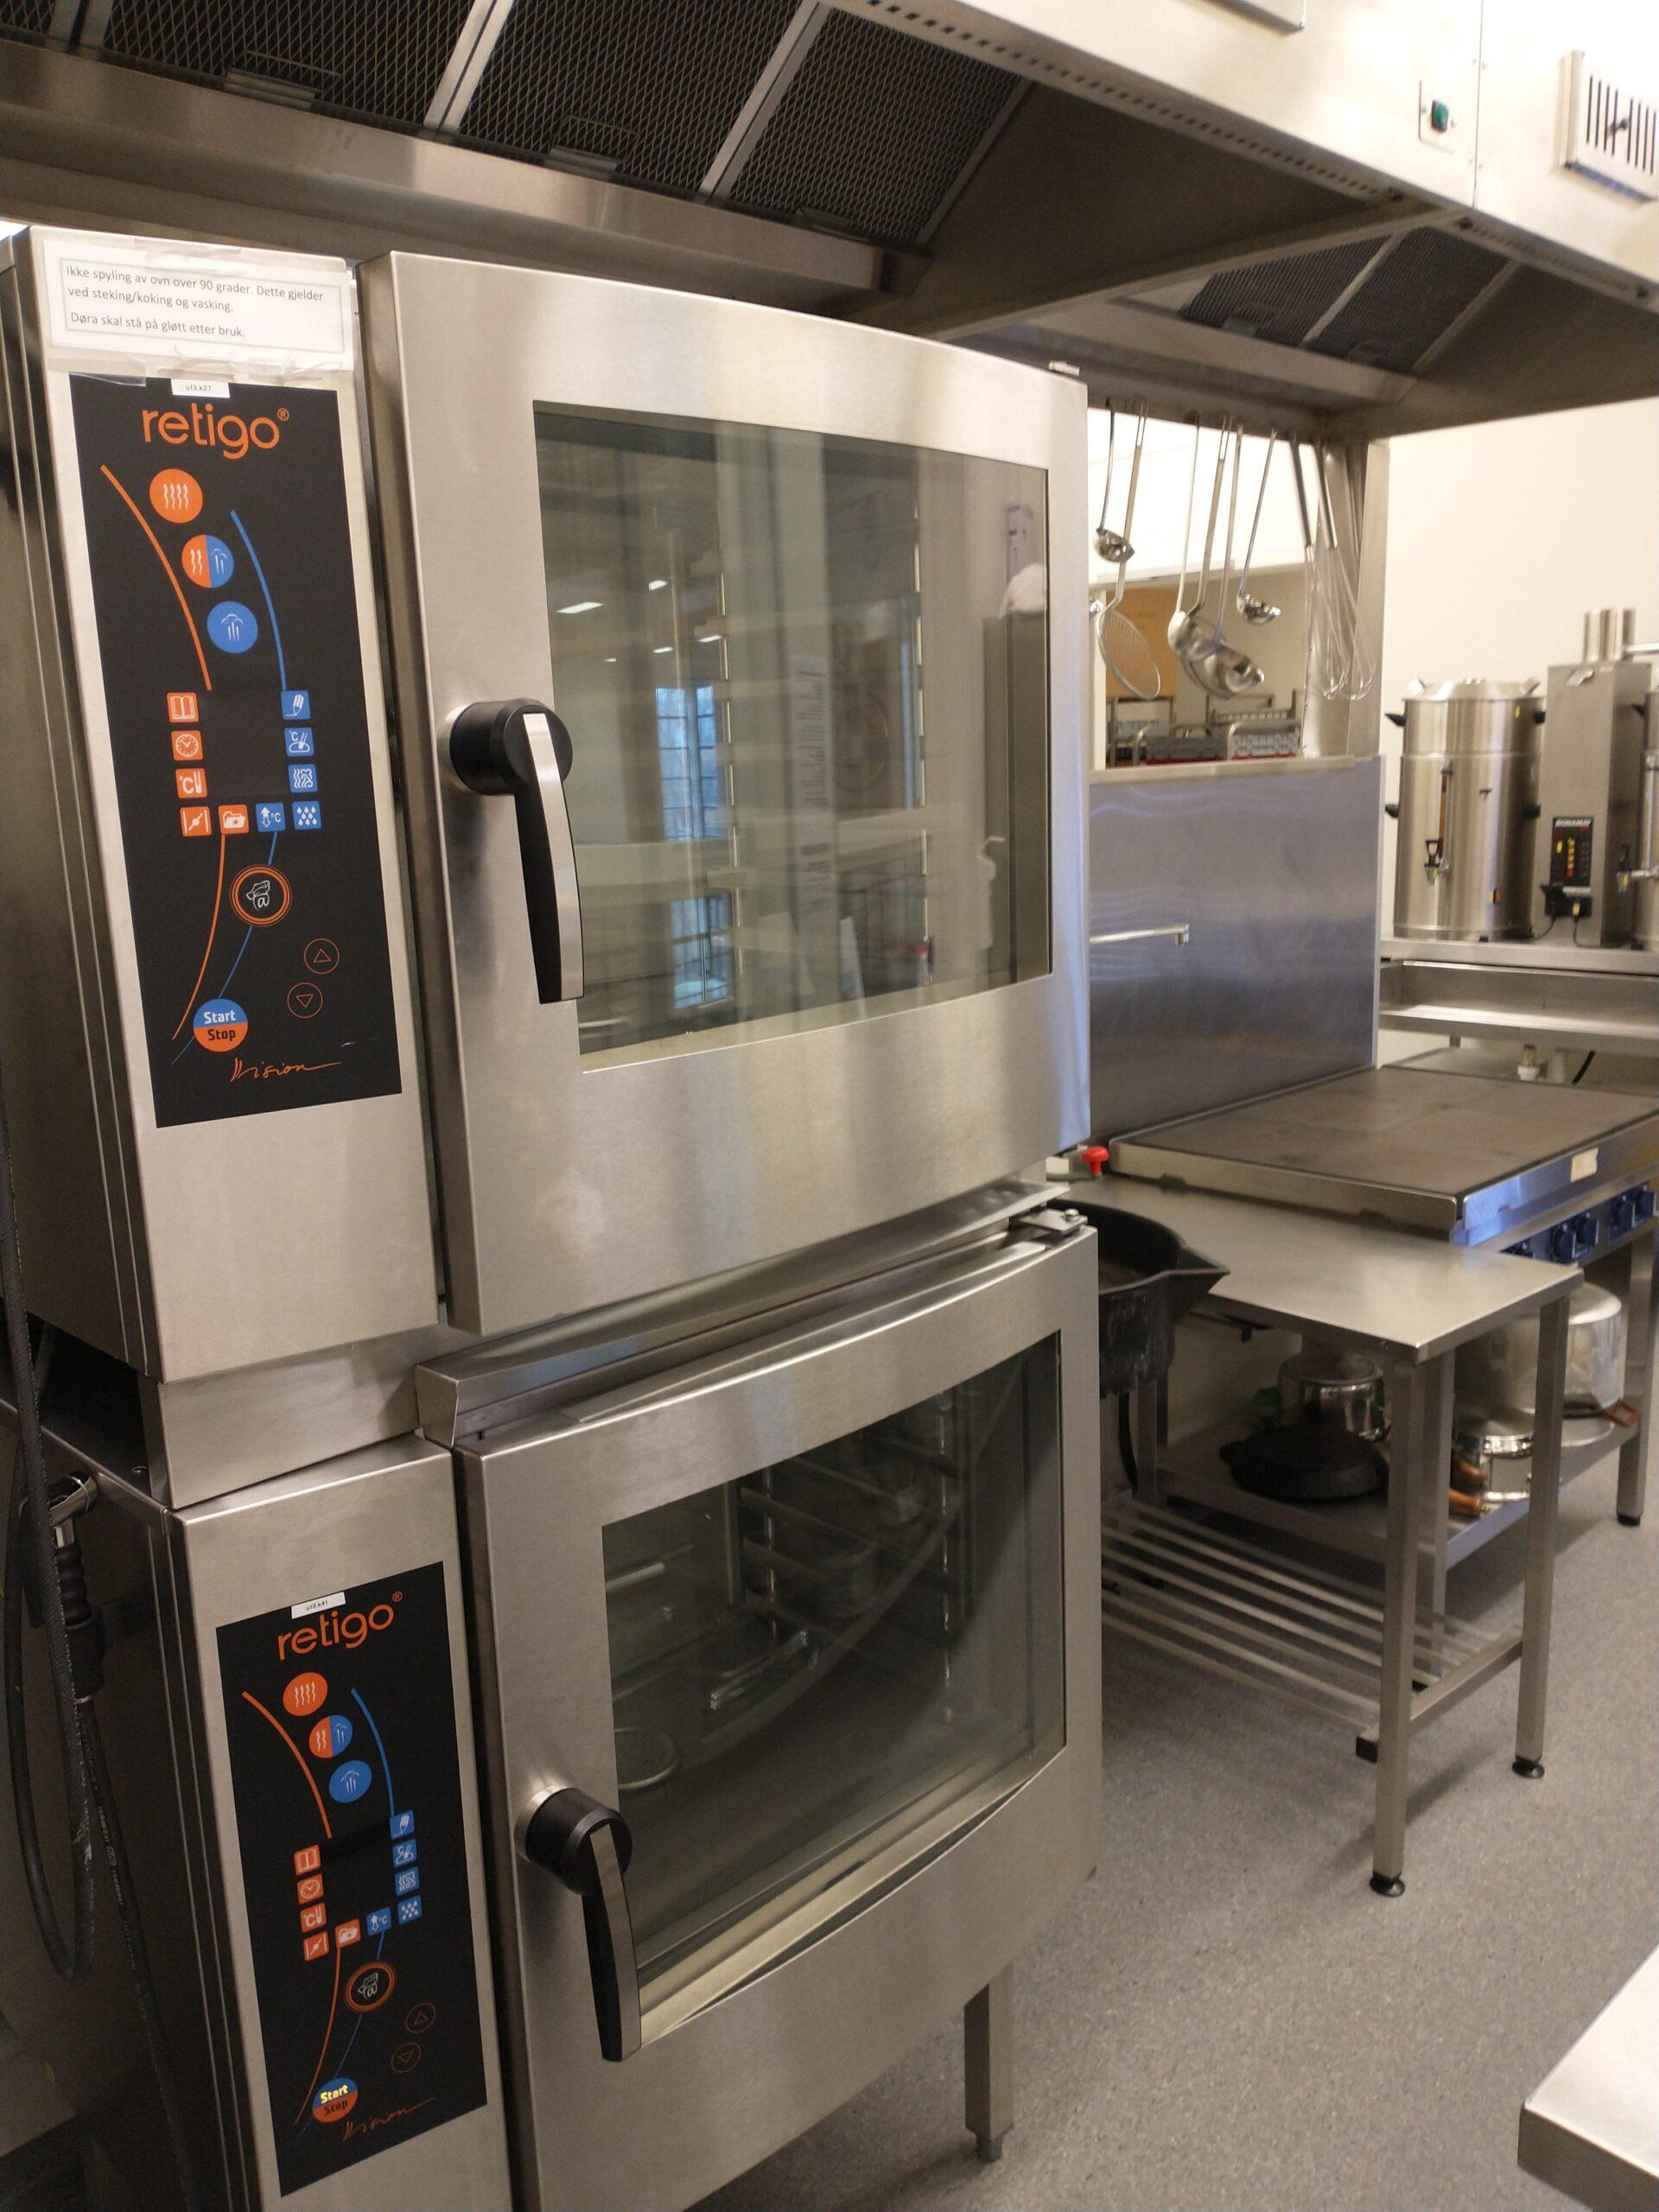 kjøkken kombidamp ovner komfyr